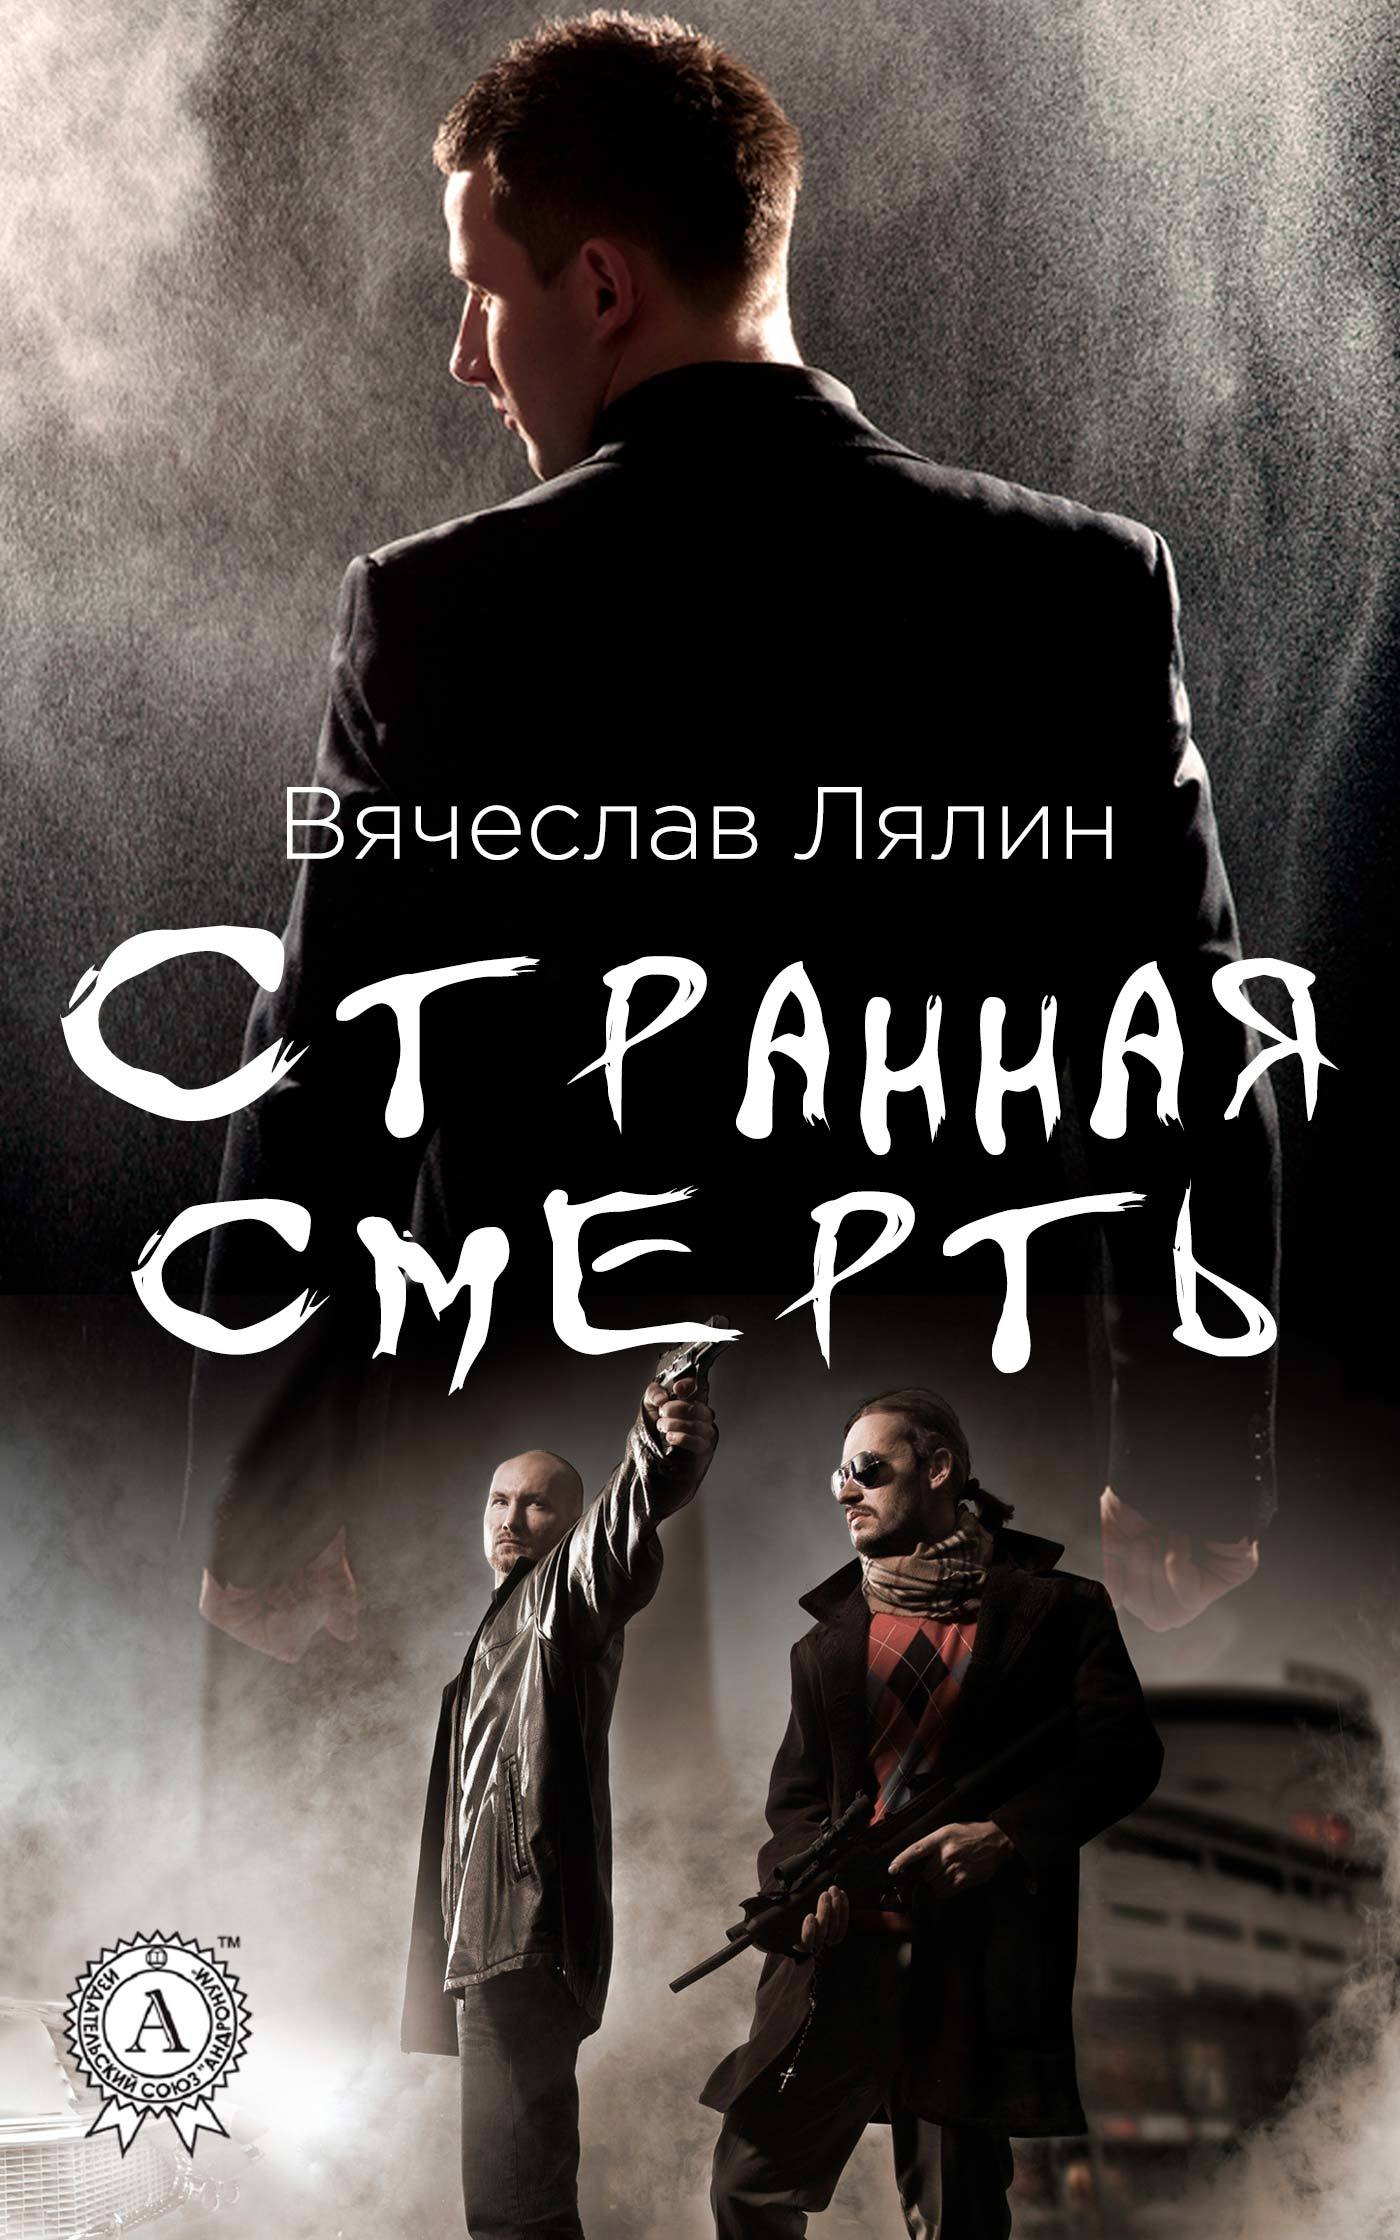 Вячеслав Лялин. Странная смерть